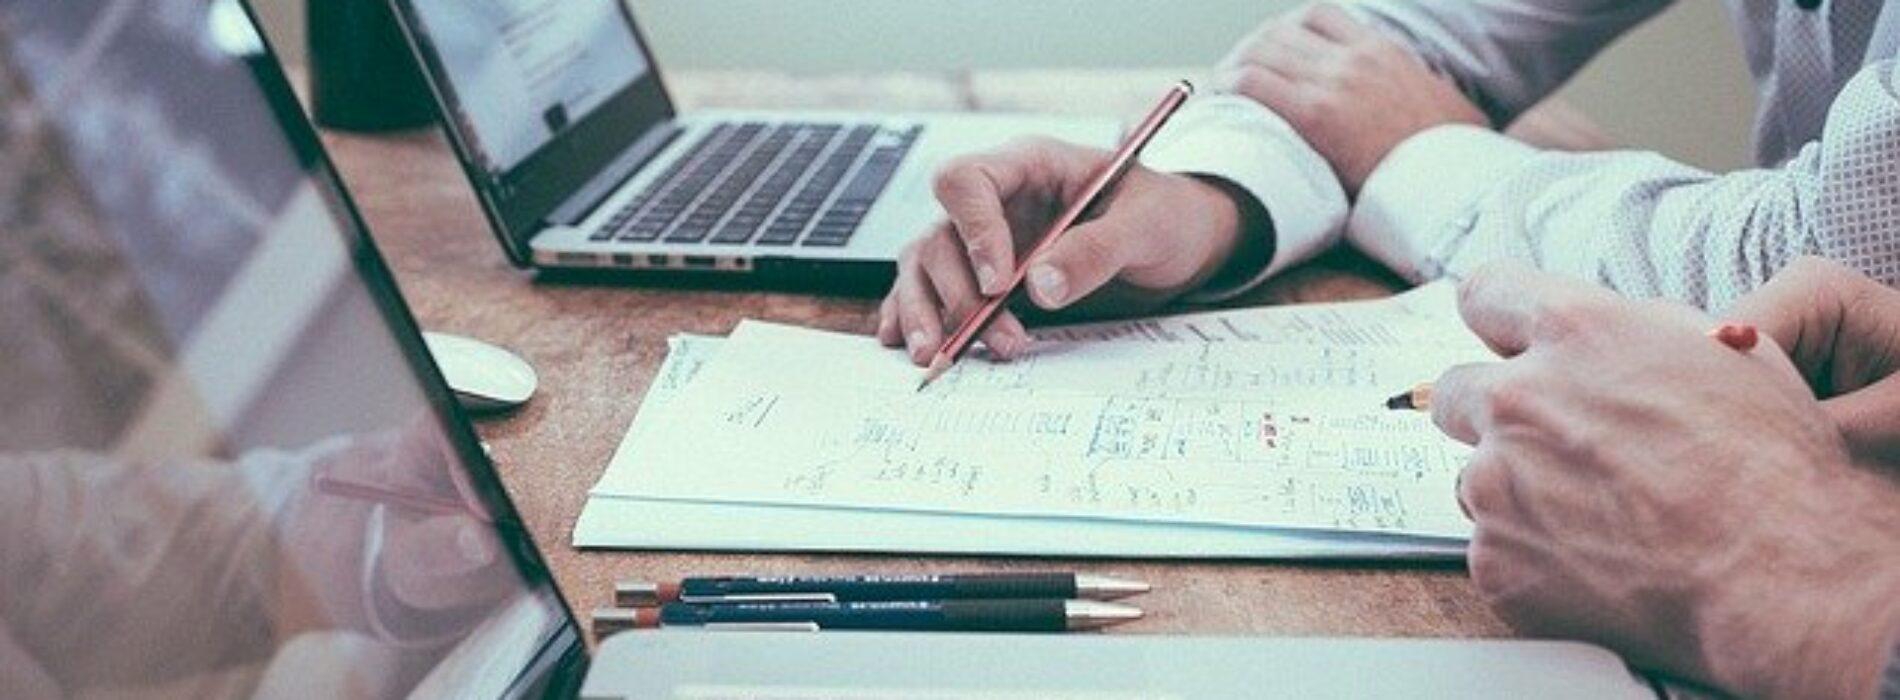 Jaki jest najlepszy sposób na znalezienie pracy w czasie wakacji?